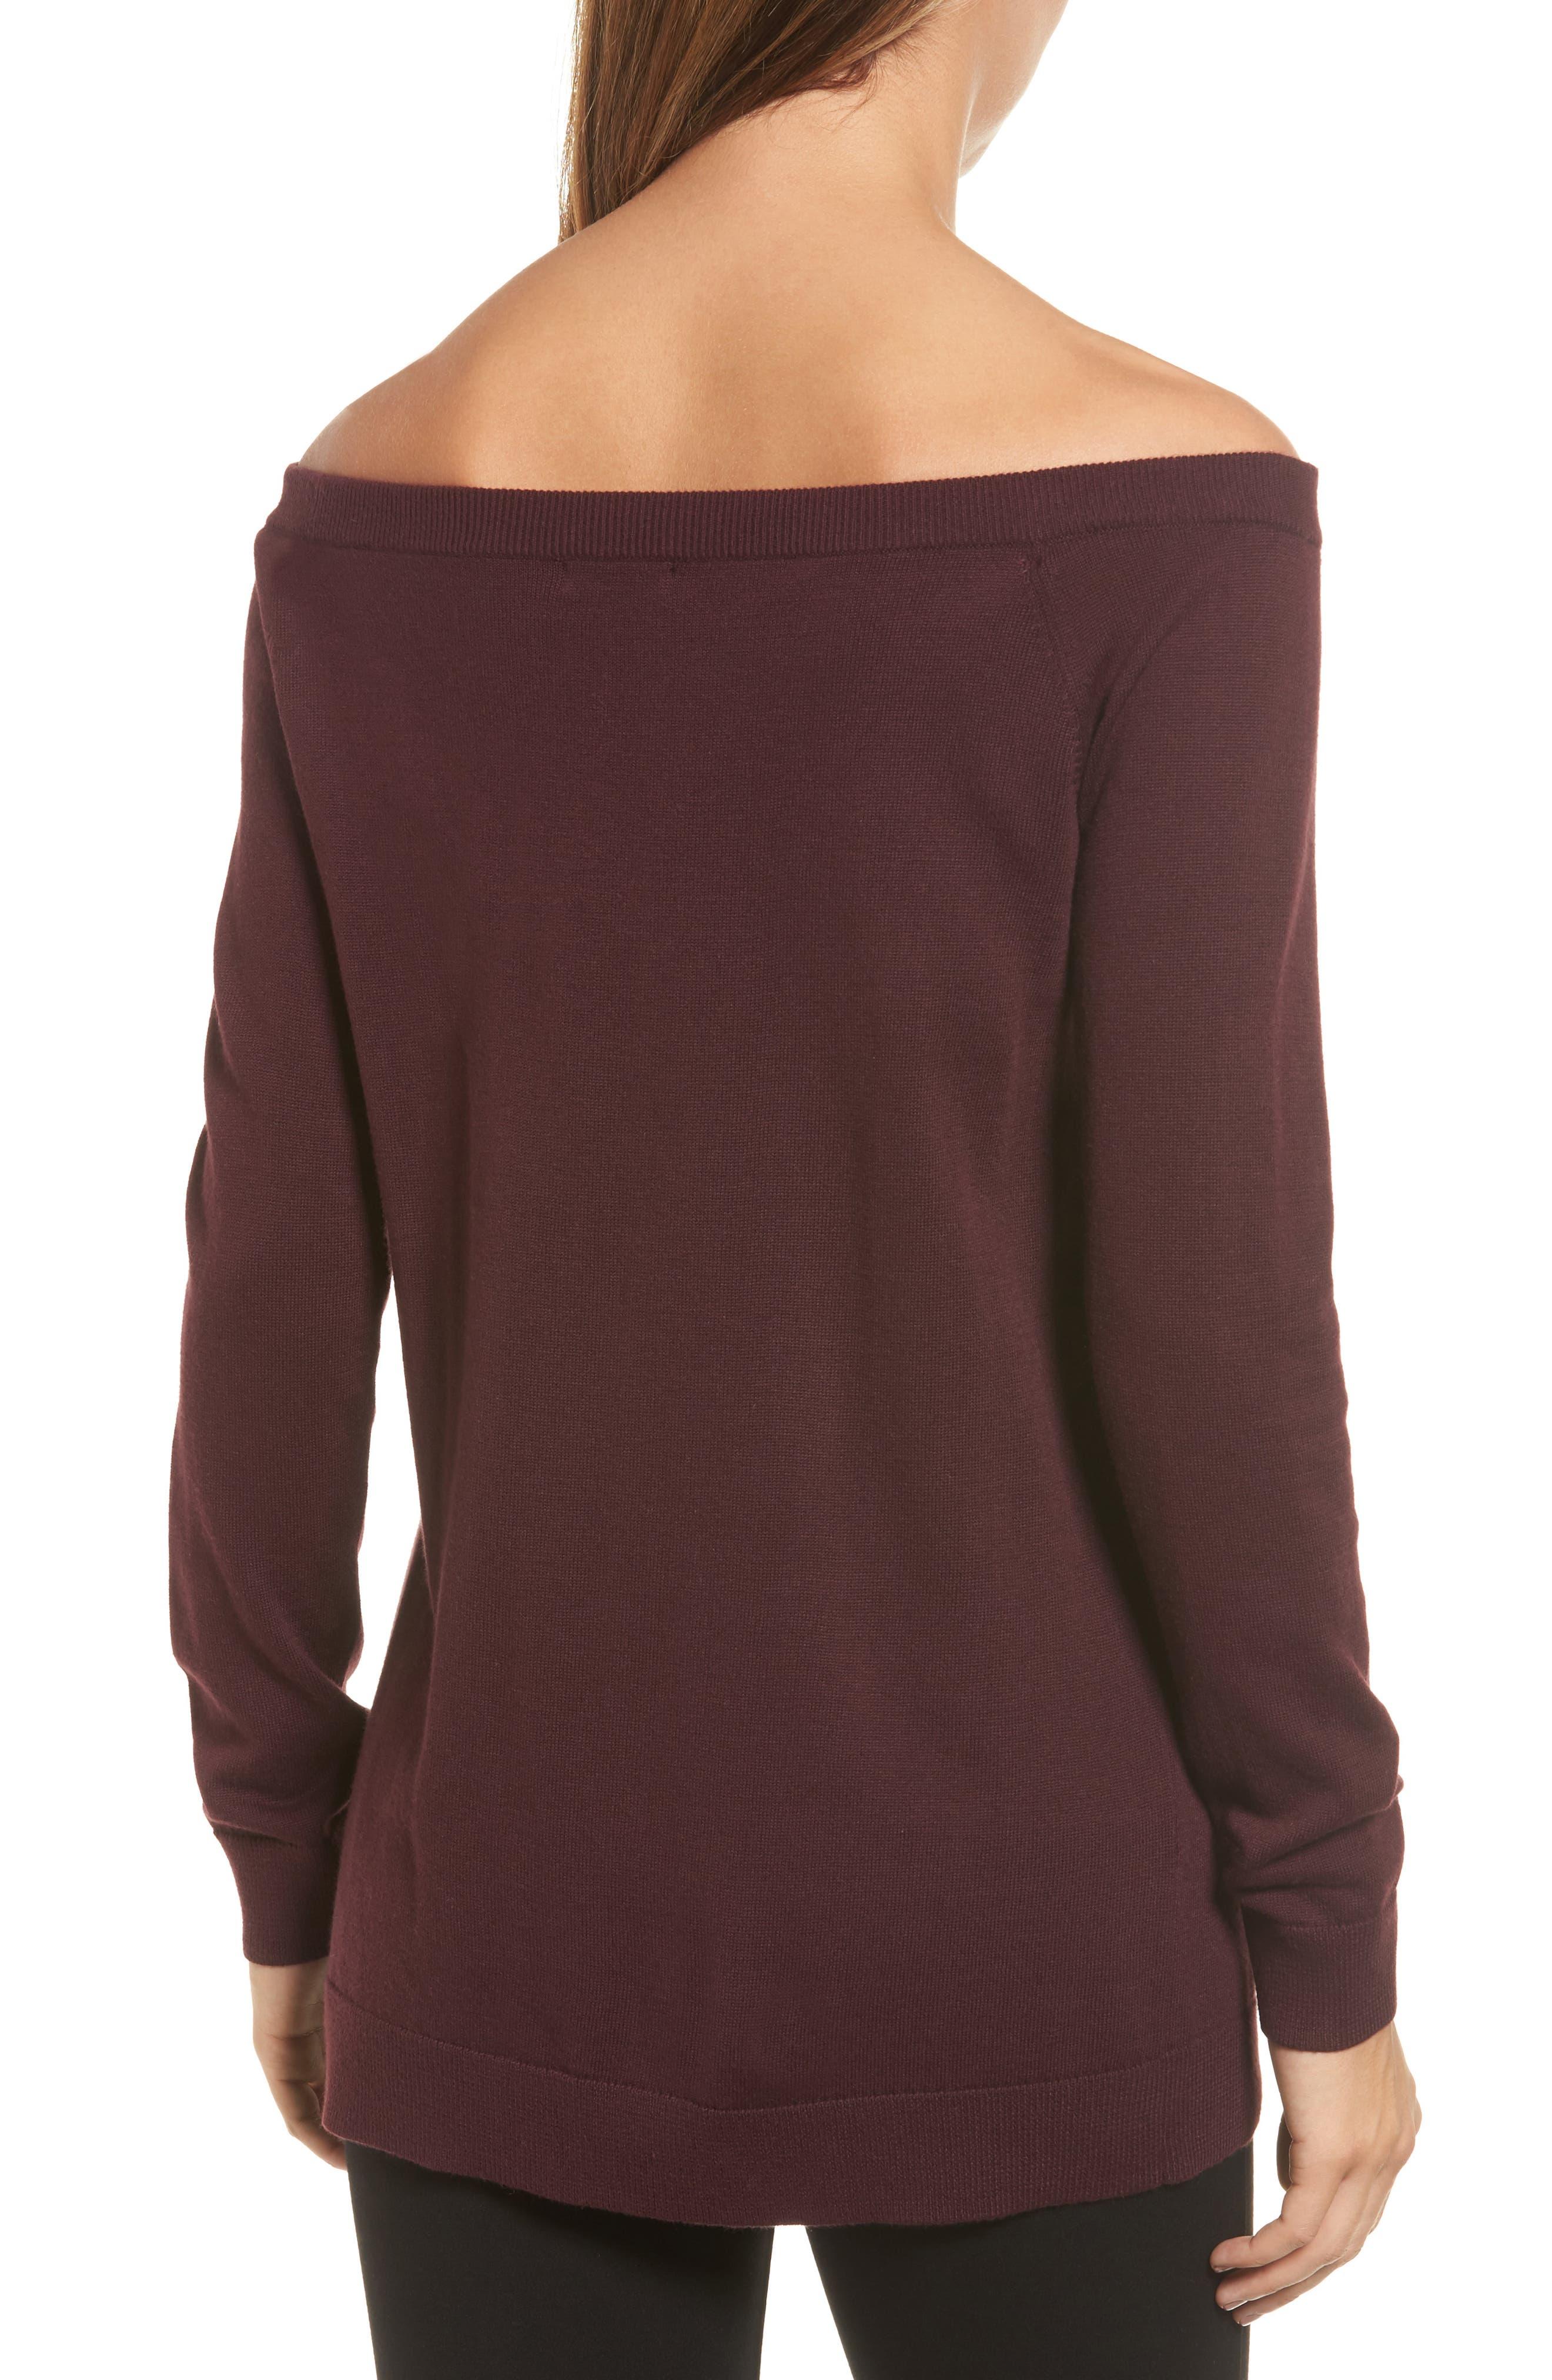 Alternate Image 2  - Halogen® Cotton Blend Off the Shoulder Sweater (Regular & Petite)